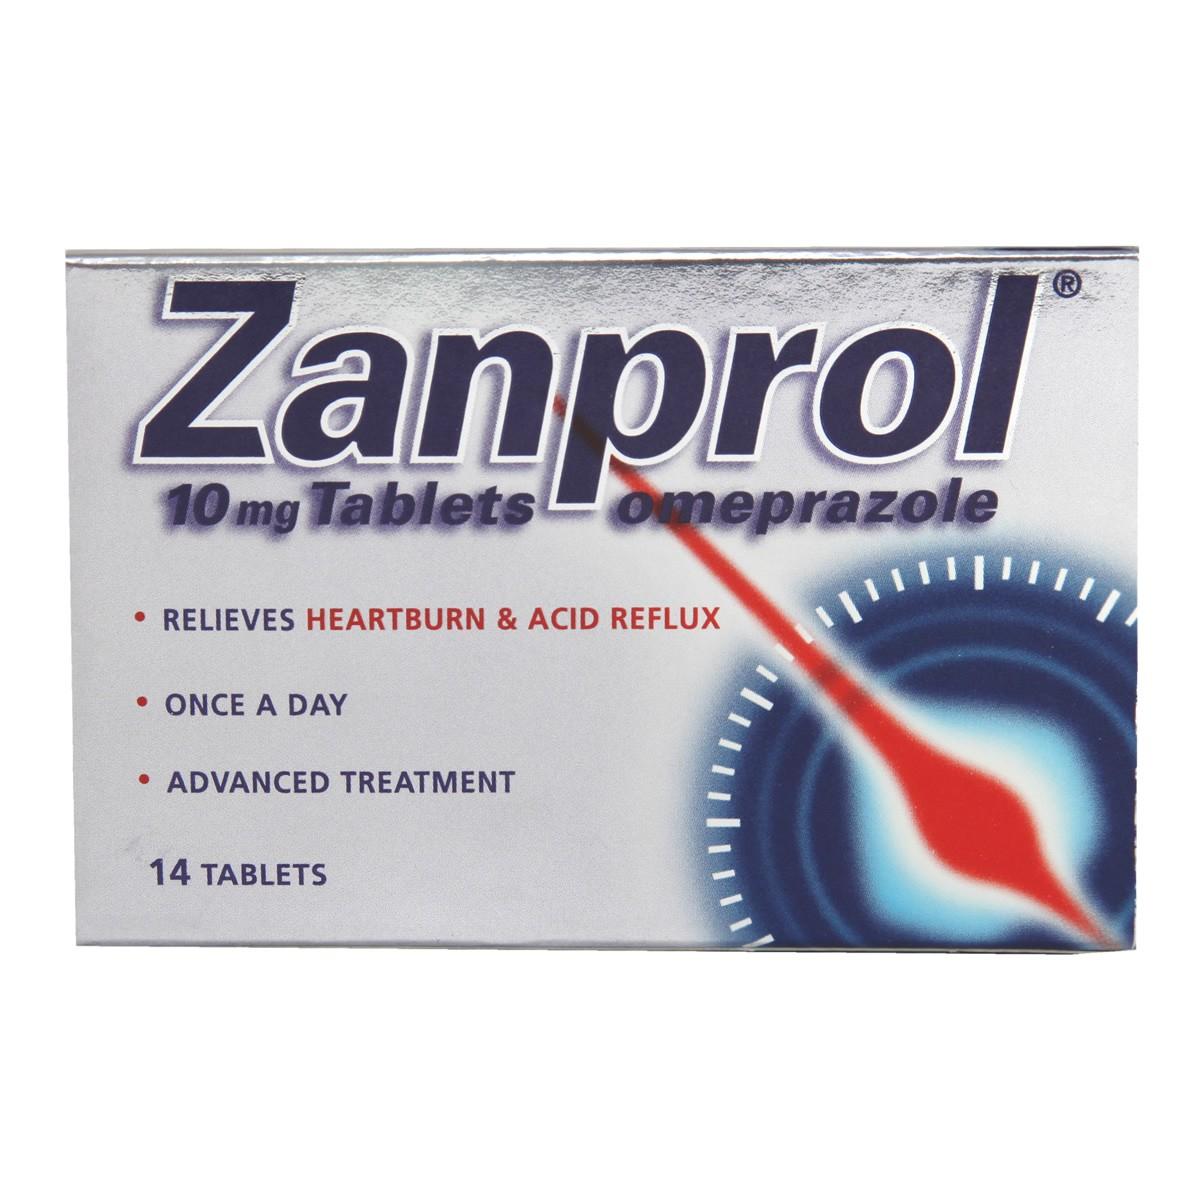 Zanprol Tablets